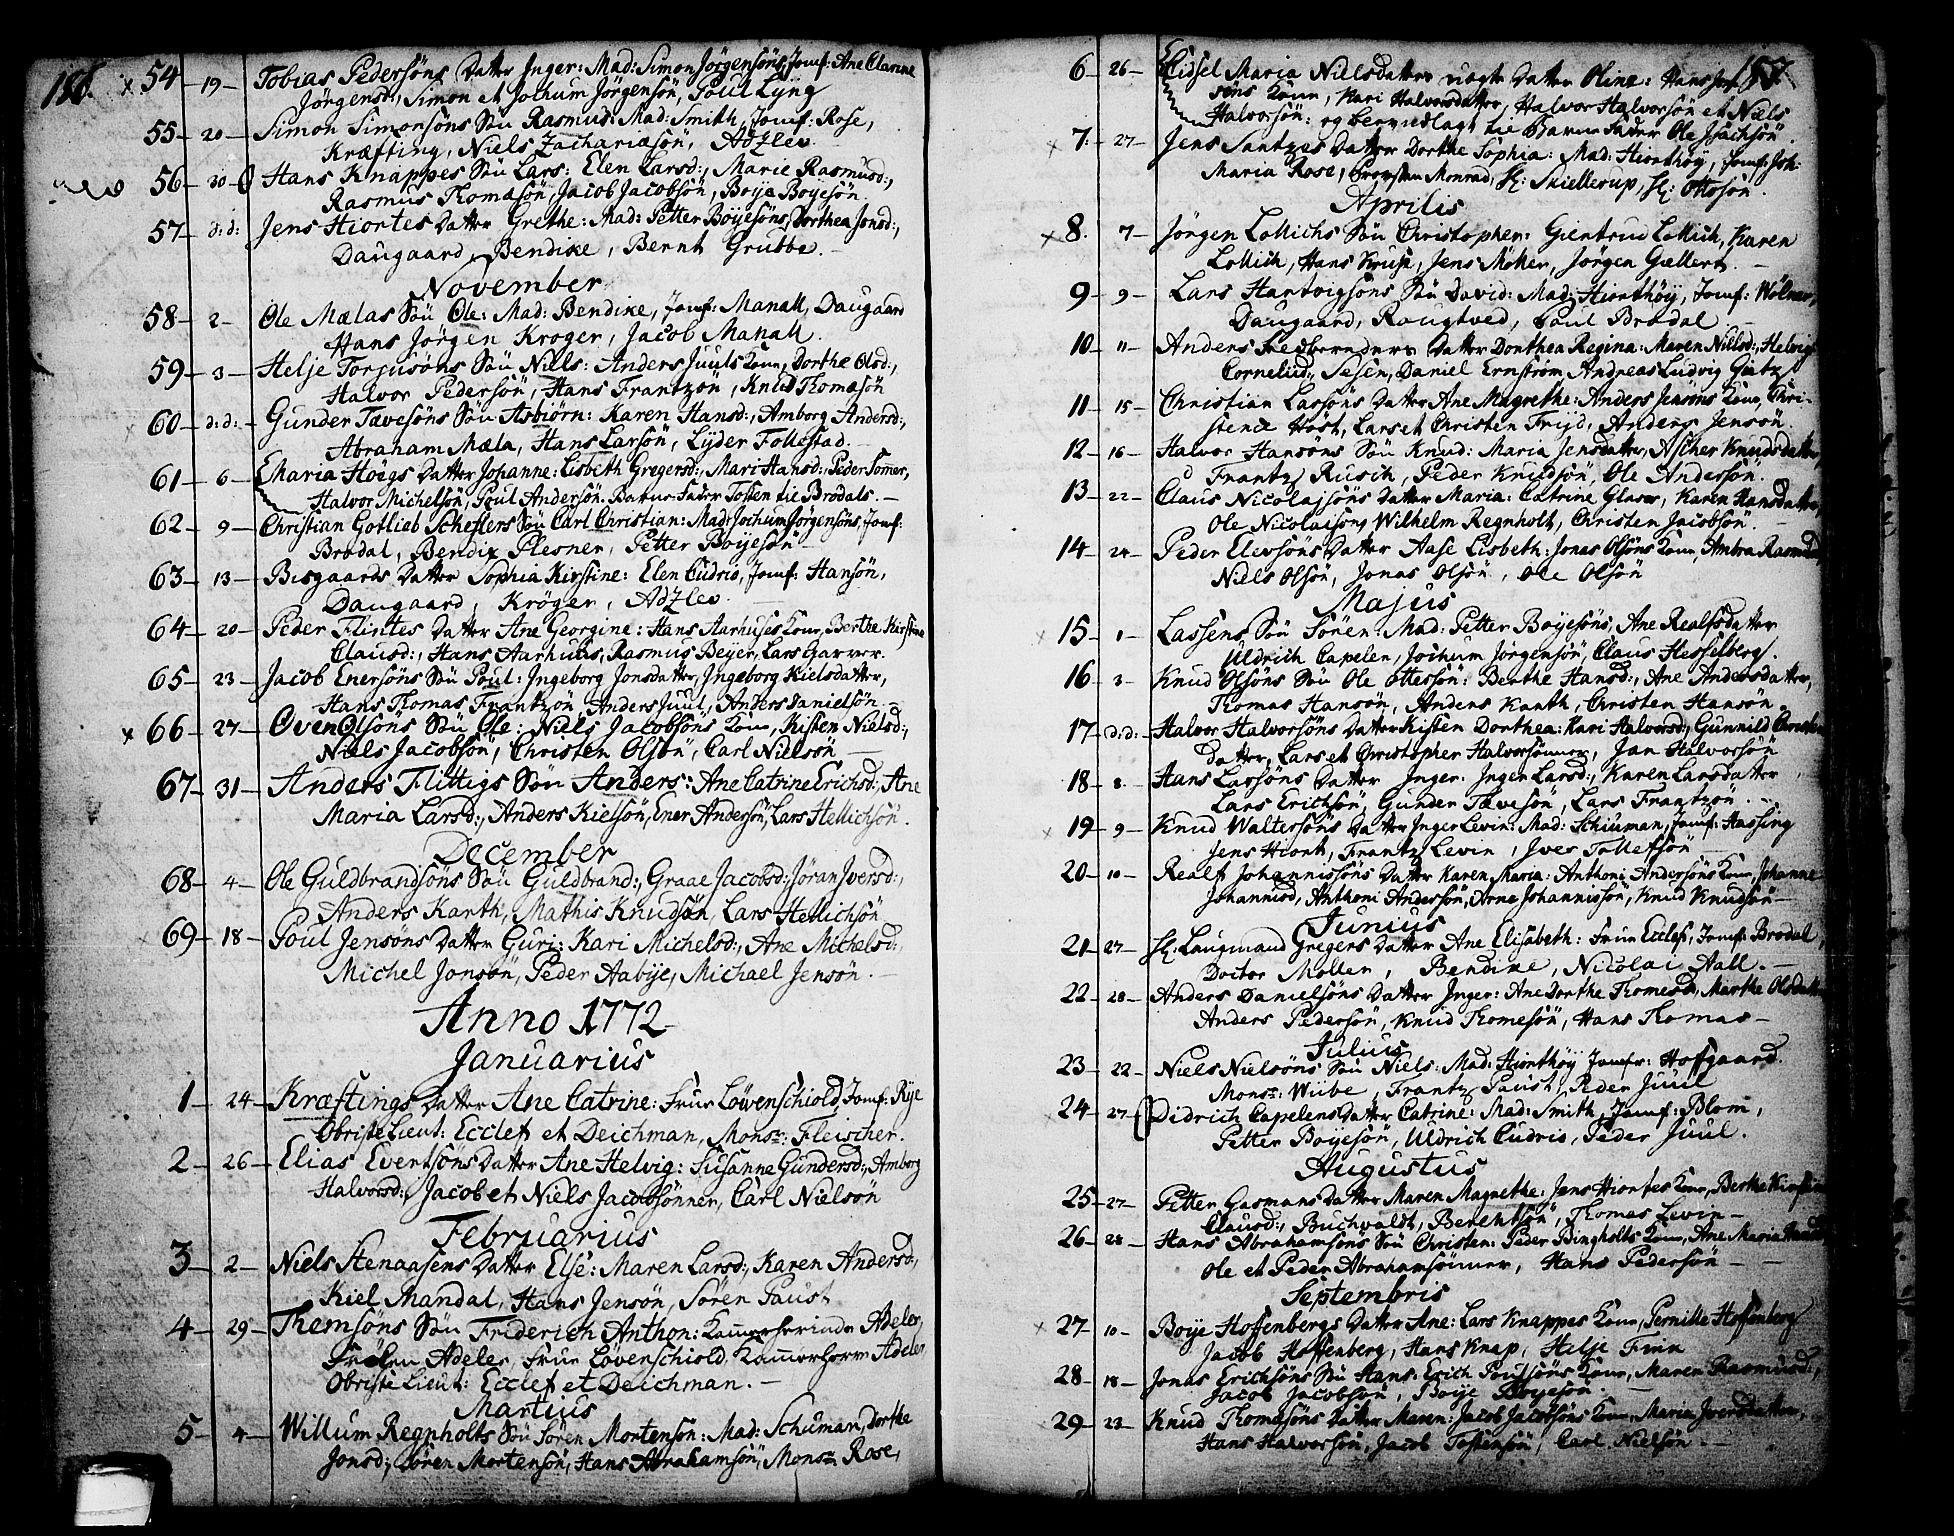 SAKO, Skien kirkebøker, F/Fa/L0003: Ministerialbok nr. 3, 1755-1791, s. 186-187